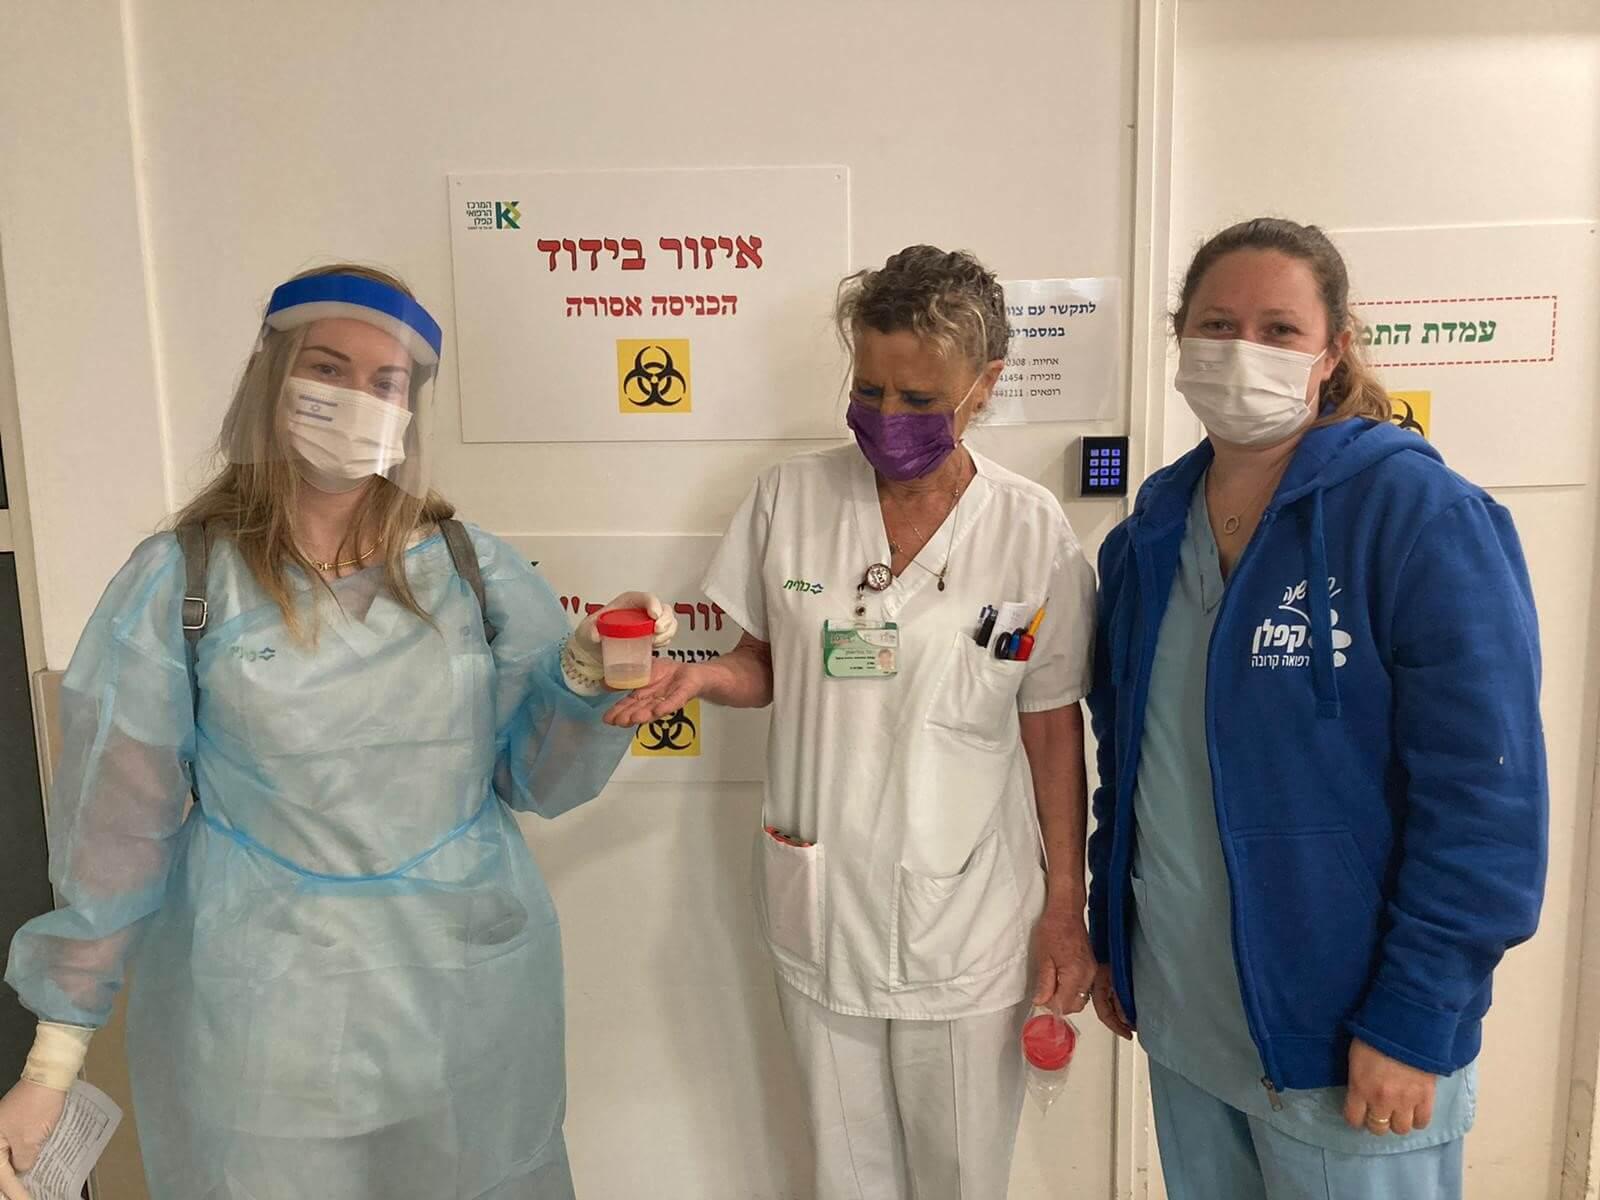 צוות טיפול נמרץ וצוות הפגיה עם חלב האם צילום: גלעד שעבני שופן